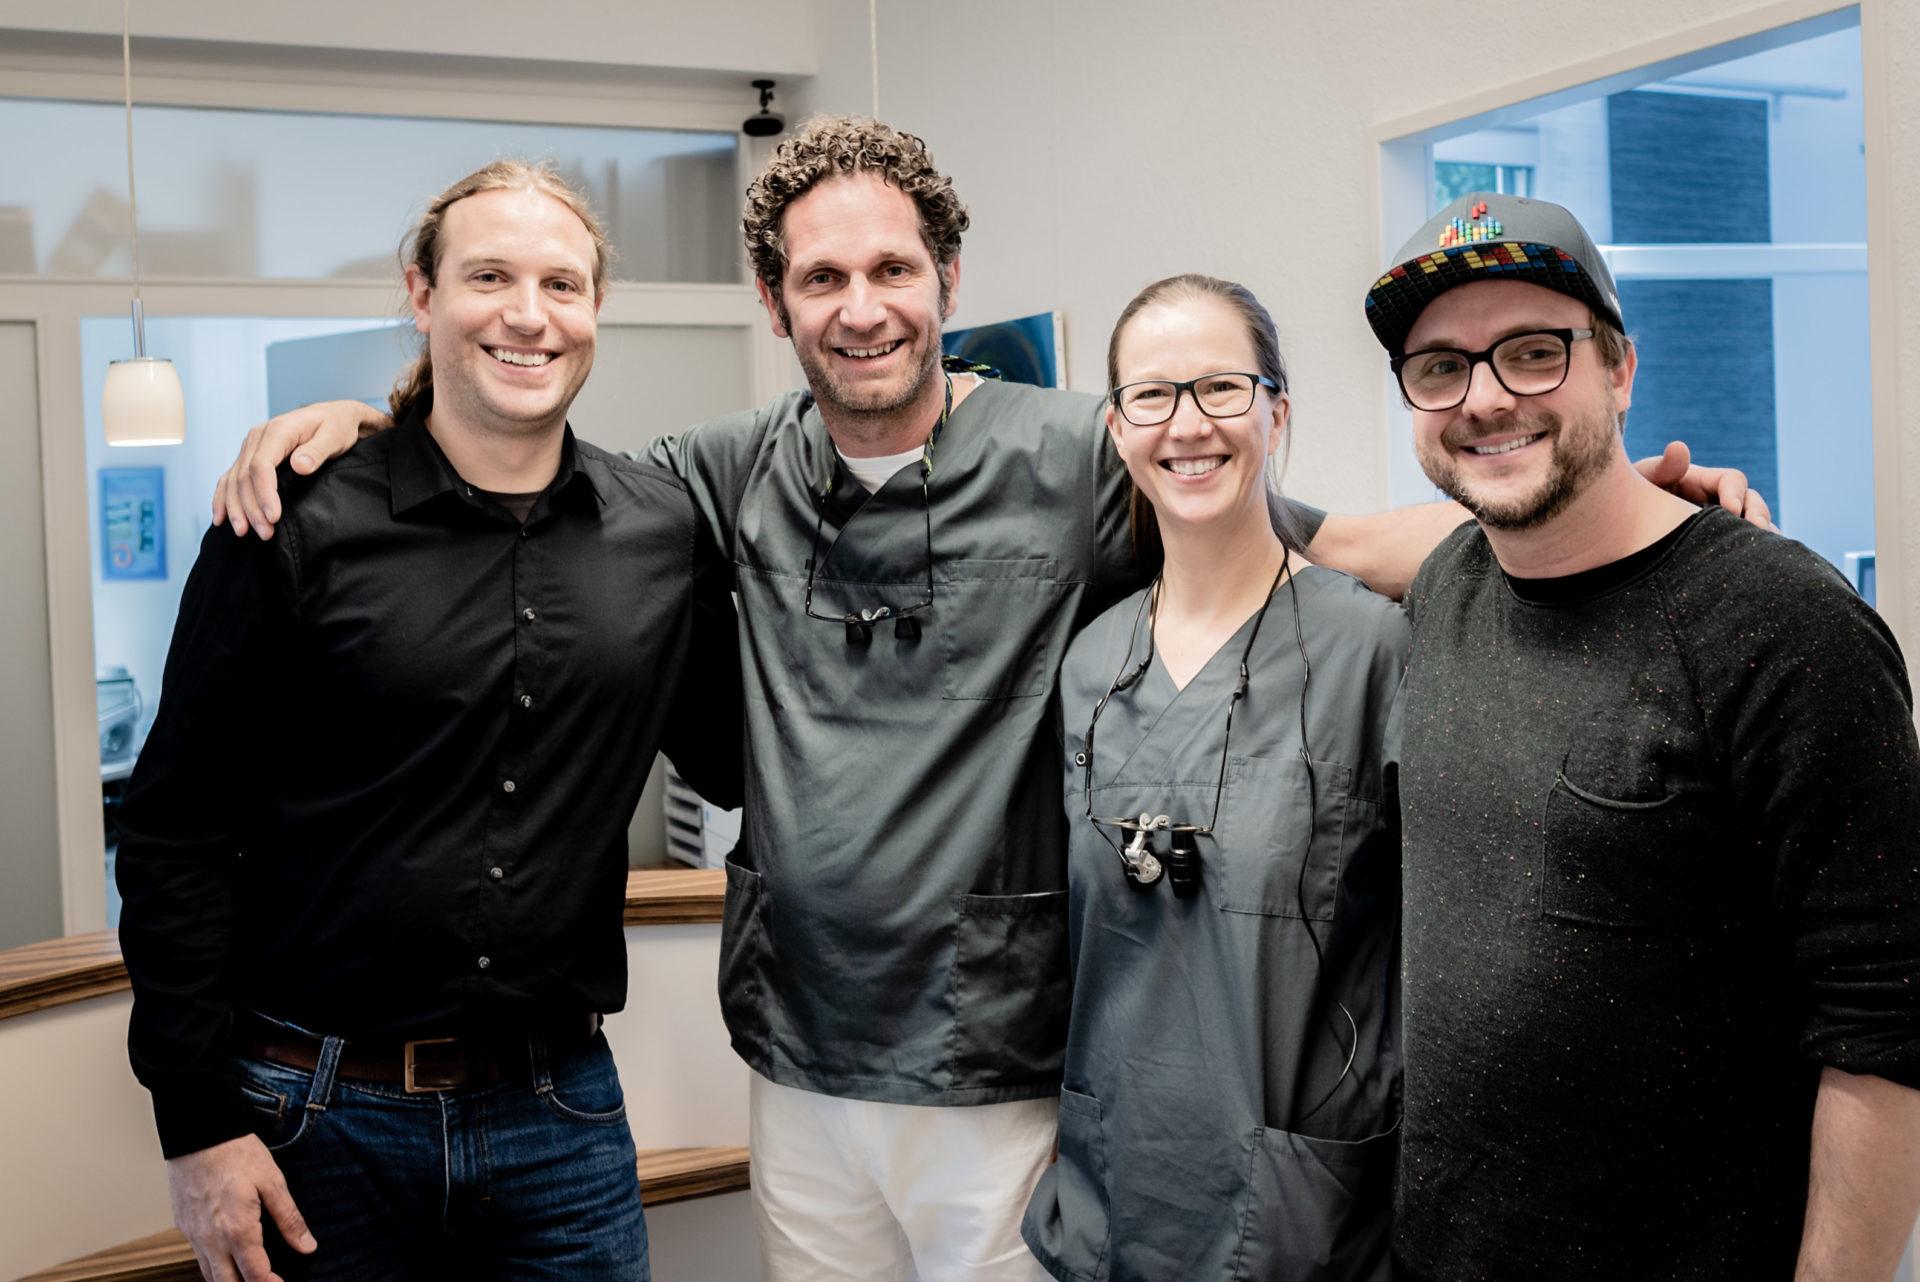 Zahnheilkunde im grünen Herzen-Christian Wentzel und Andrea Schädler